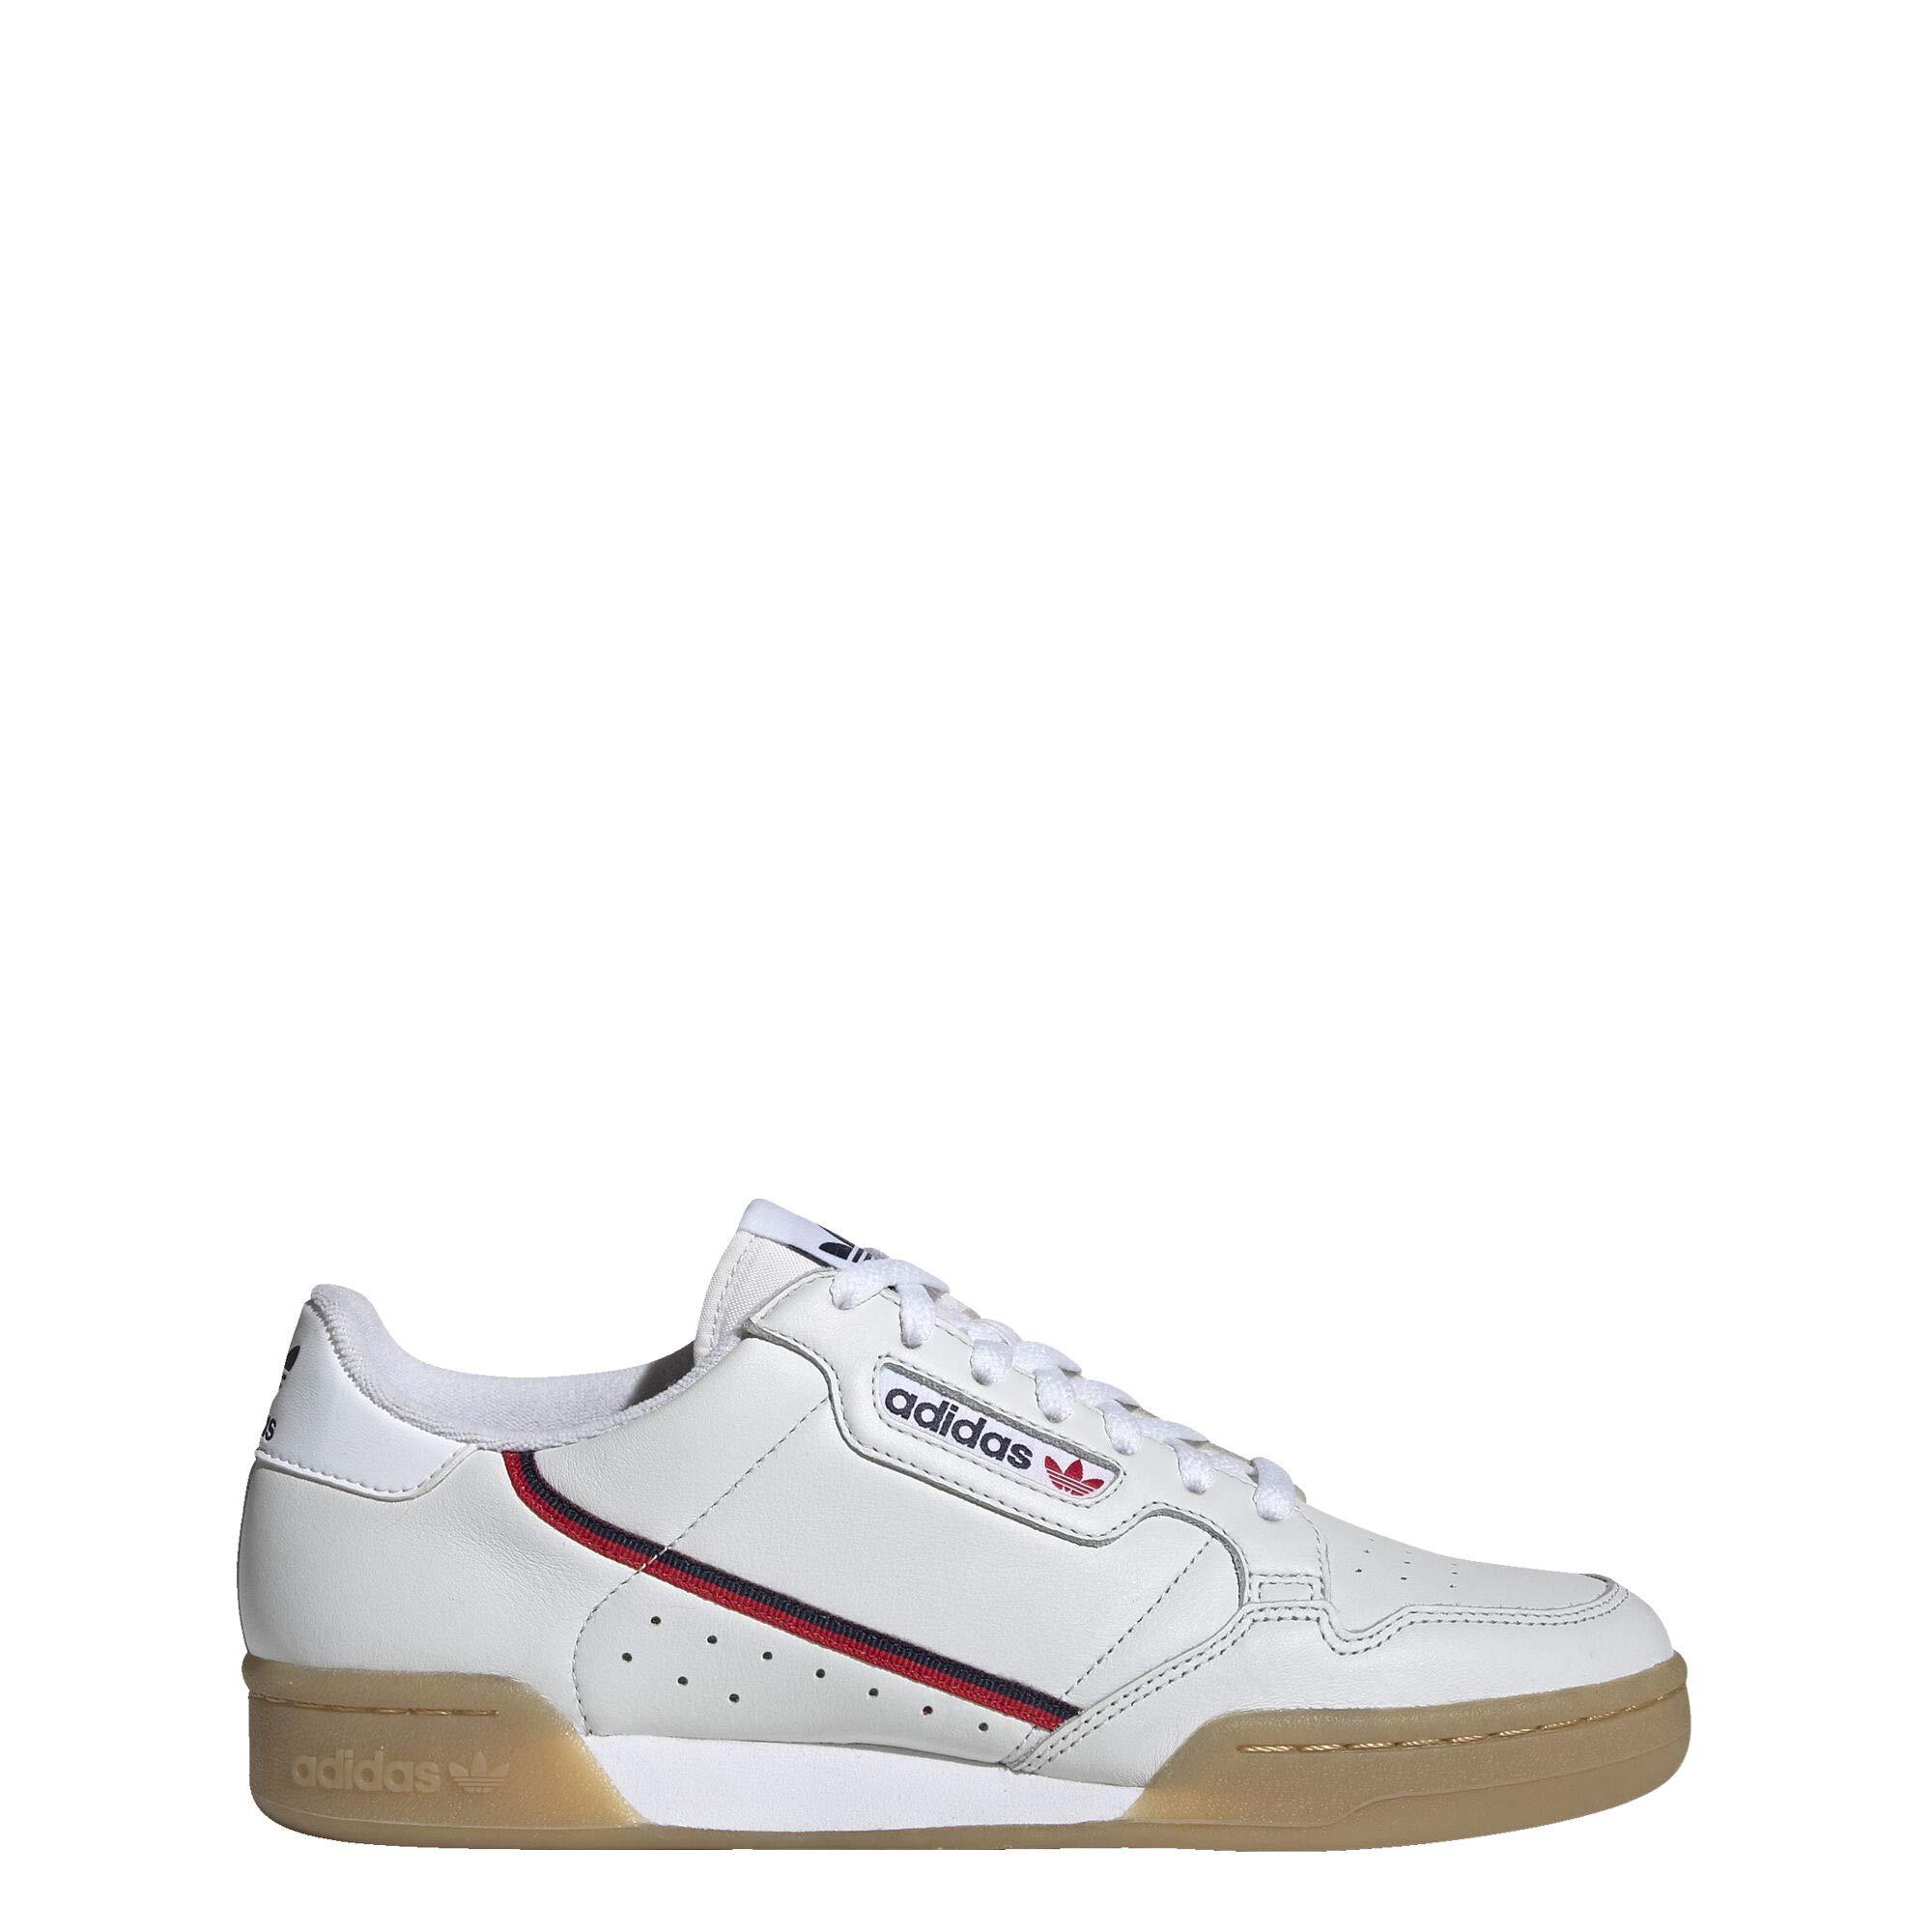 adidas Originals Continental Sneaker Collegiate